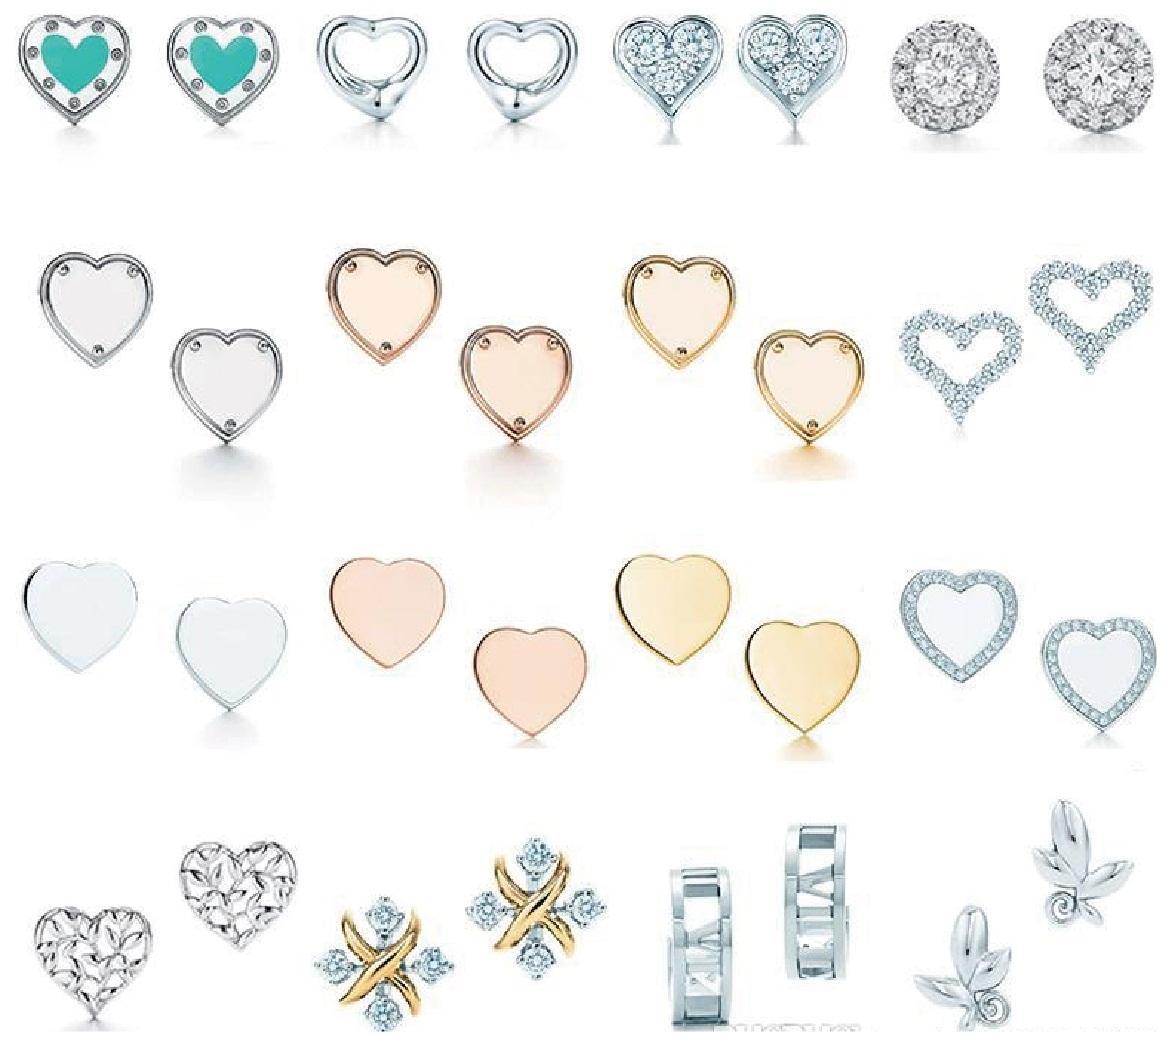 TIFF Klasik Orijinal Aşk Gülen Yüz Elmas Gümüş Saplama Küpe Orijinal Logo ile